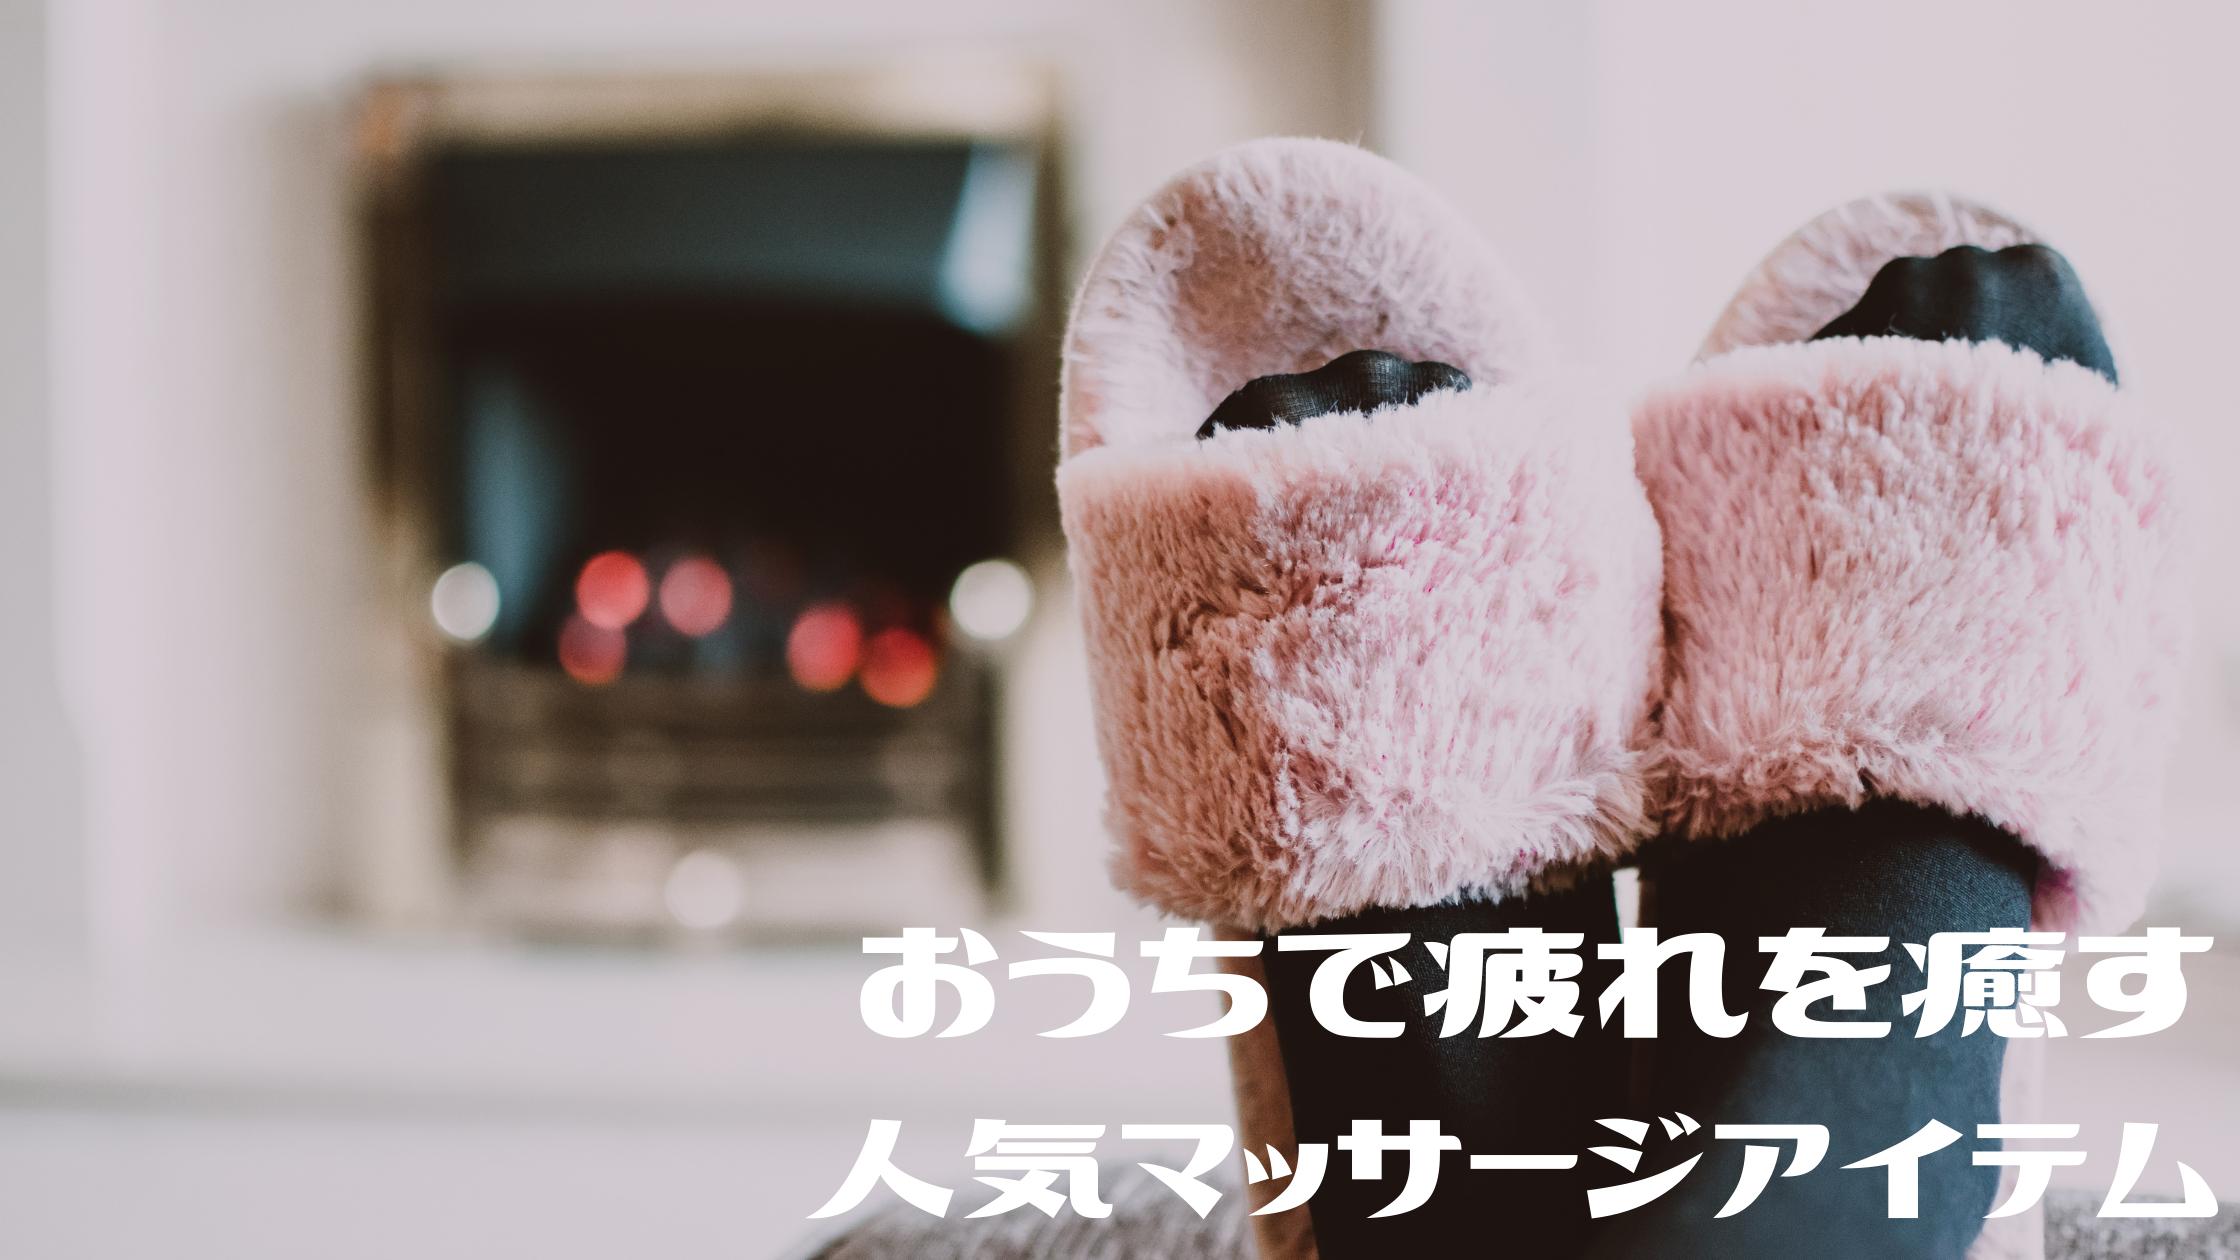 売れ筋【お手軽マッサージ】『ホットネックマッサージ』『手首マッサージ』『耳つぼで美容』